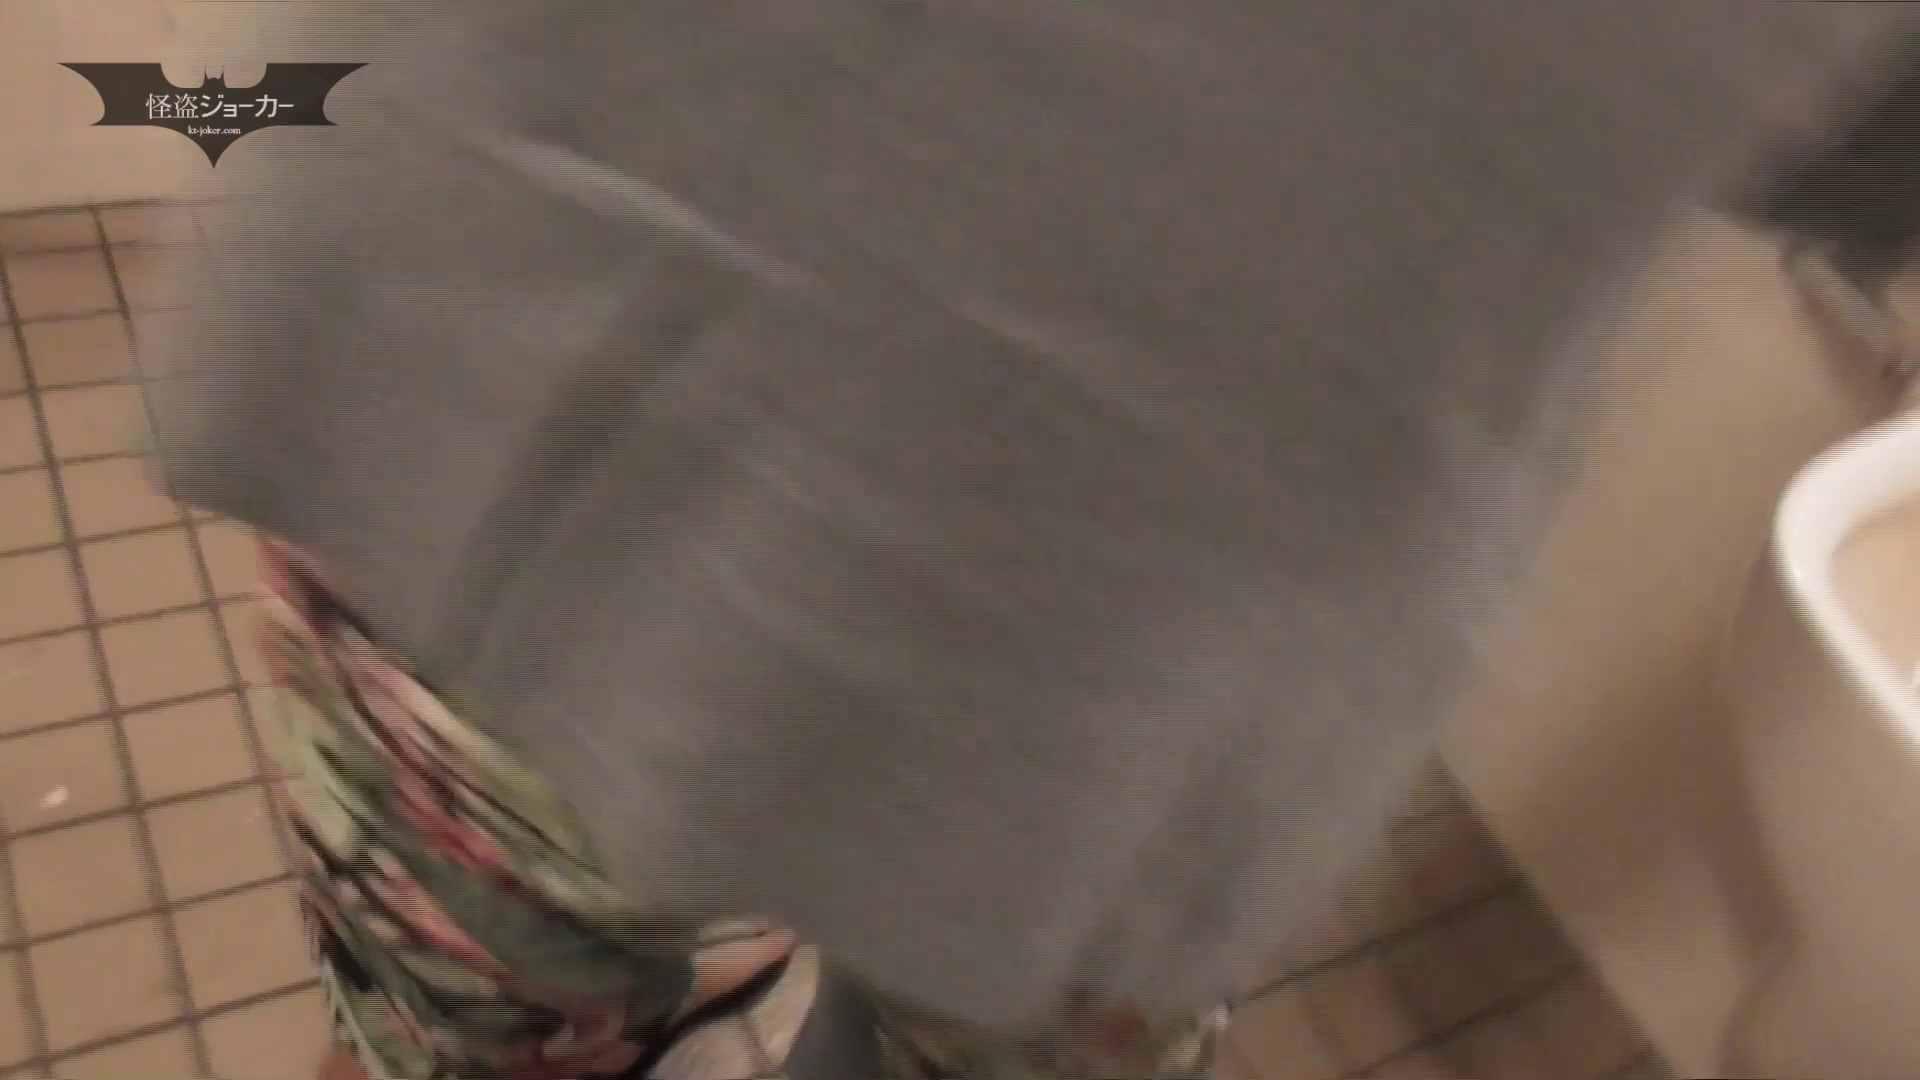 ヒトニアラヅNo.10 雪の様な白い肌 覗き特集  105PIX 40